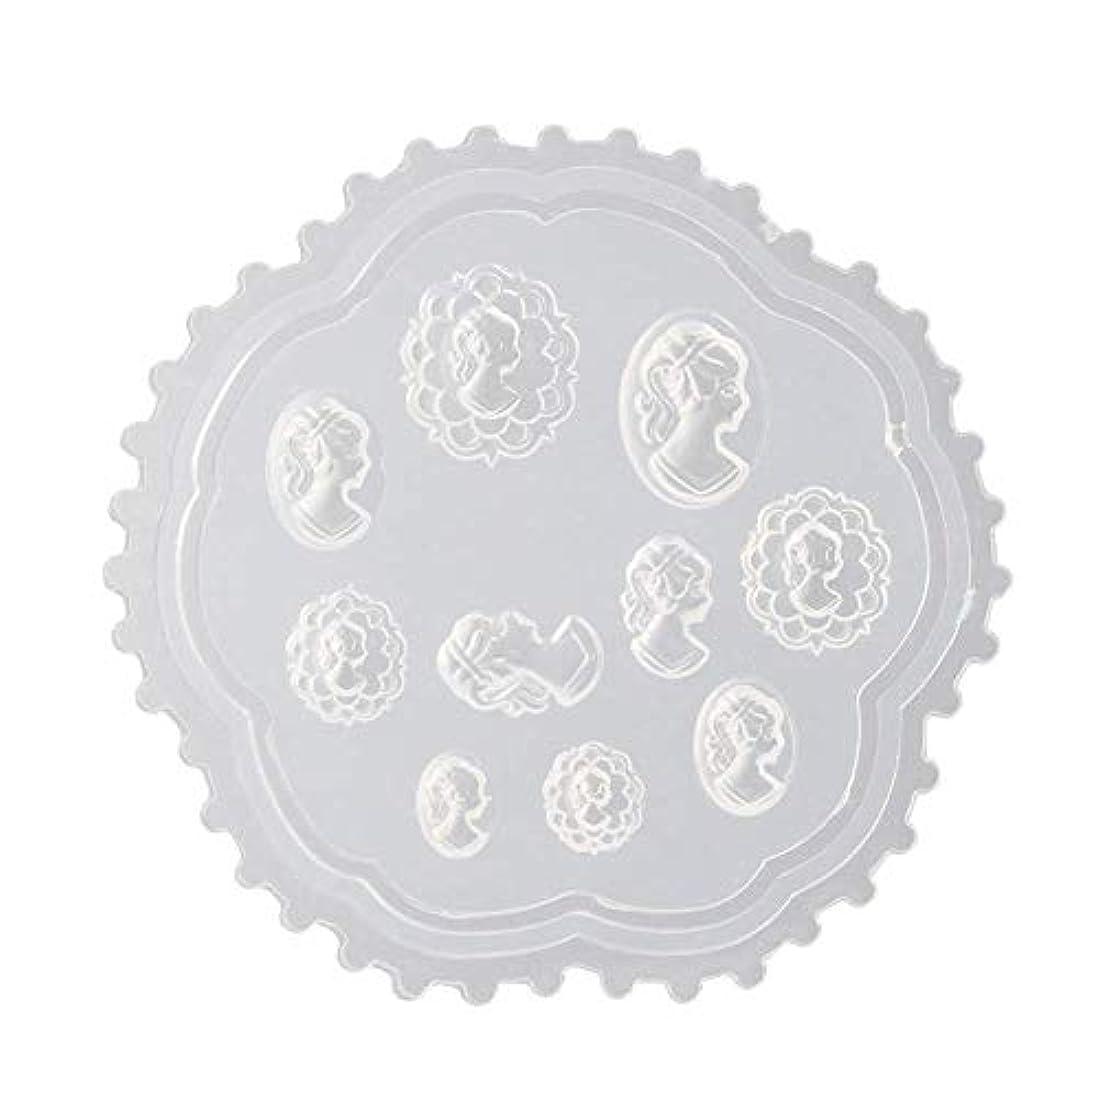 港別の小石gundoop 3Dシリコンモールド ネイル 葉 花 抜き型 3Dネイル用 レジンモールド UVレジン ネイルパーツ ジェル ネイル セット アクセサリー パーツ 作成 (2)